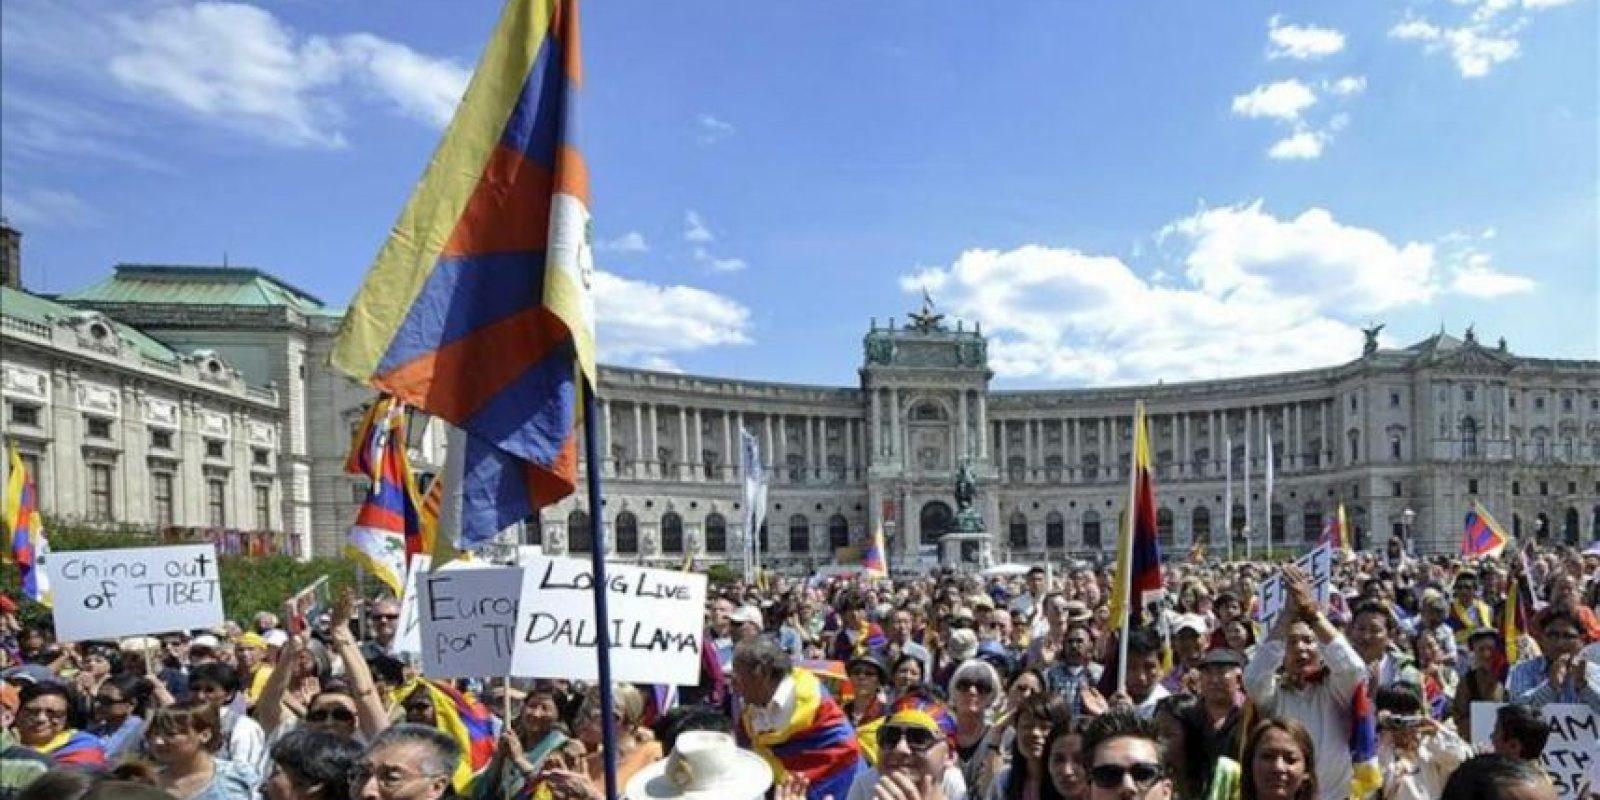 """Ciudadanos pro-Tibet participan en el acto """"Solidaridad europea con el Tíbet"""", en el que ha participado el dalai lama, líder espiritual budista y del pueblo tibetano, en la plaza de los Éroes de Viena, Austria, hoy, sábado, 26 de mayo de 2012. EFE"""